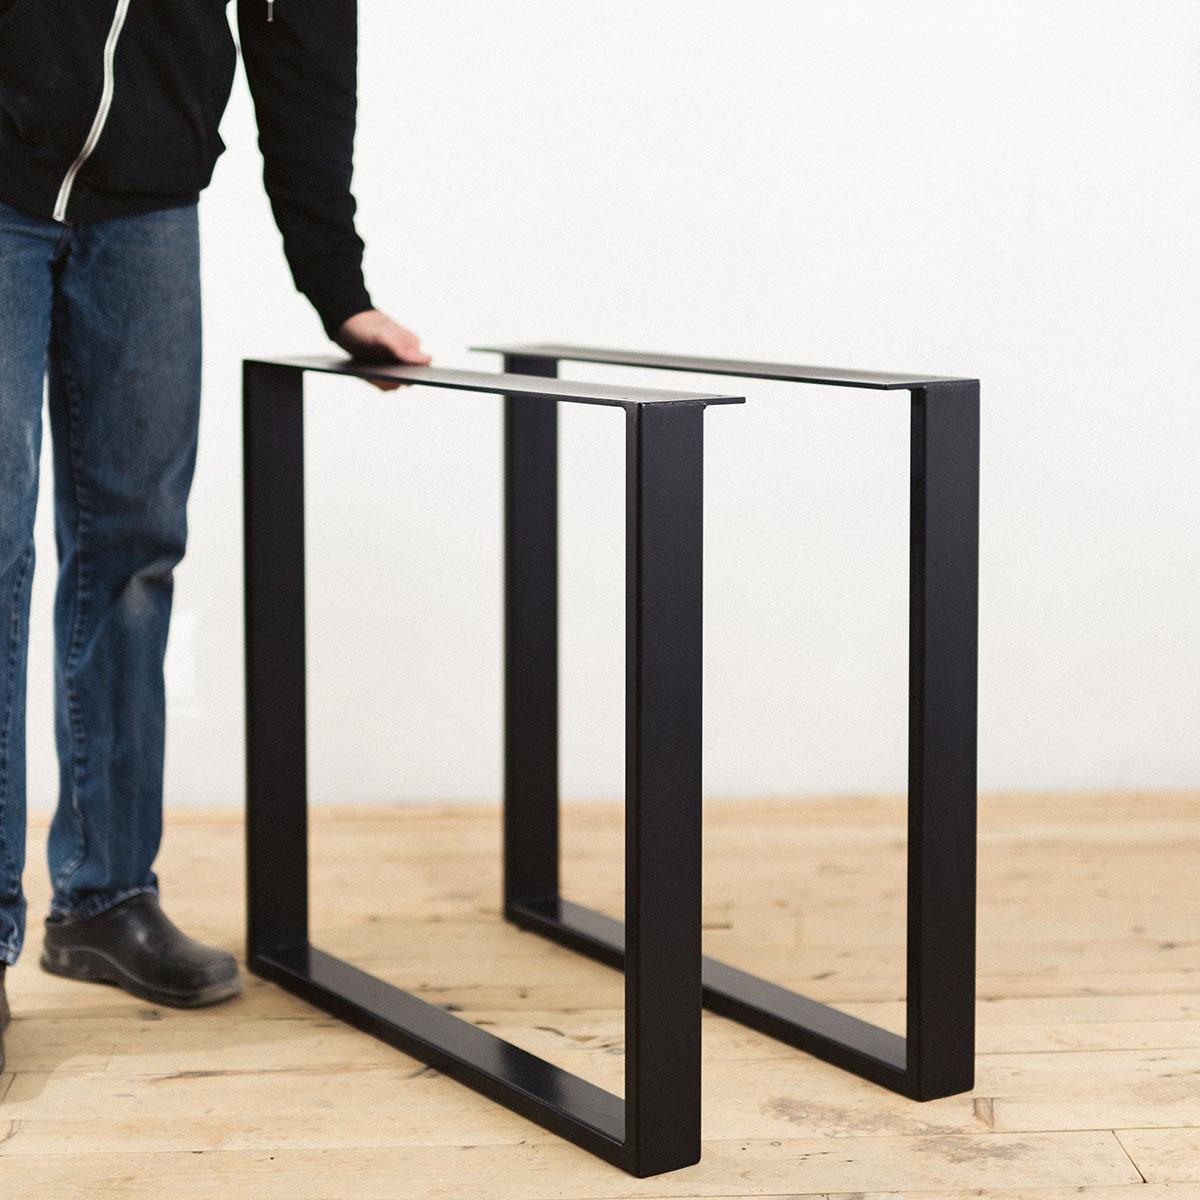 steel-u-shape-table-legs-powder-coated-black